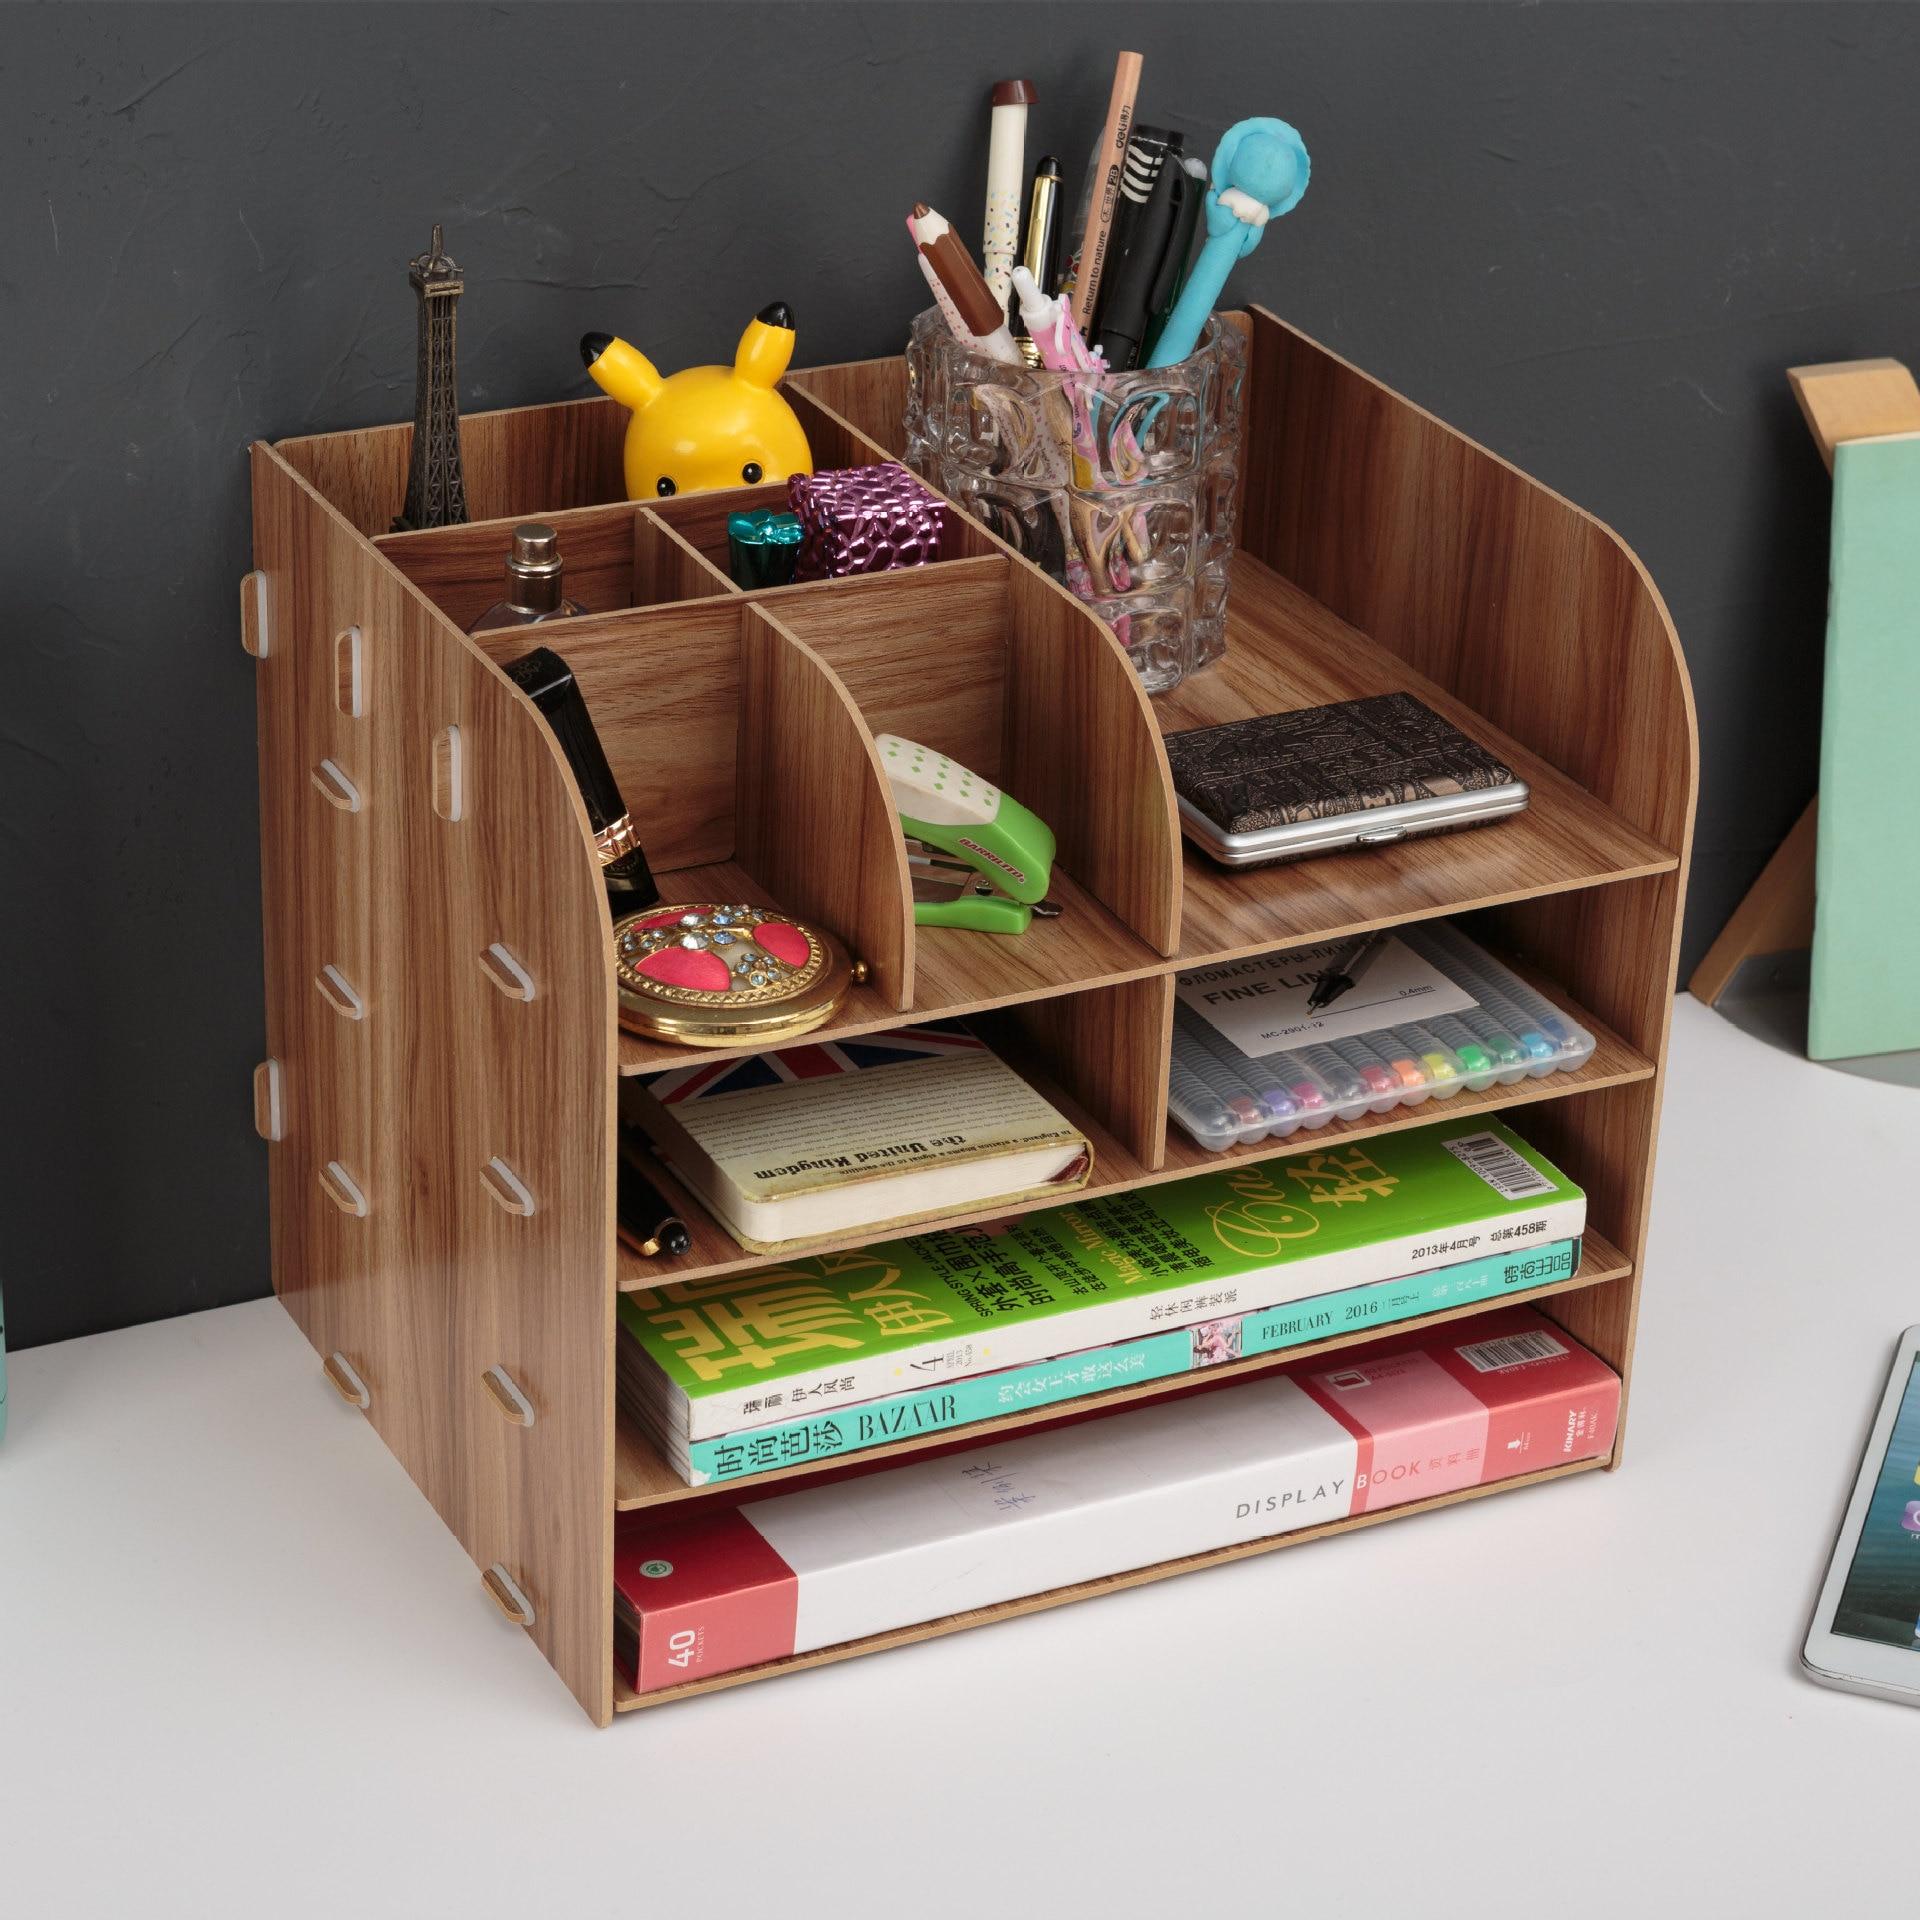 Fournitures de bureau grand bureau tiroir boîte de rangement en bois fichier cadre en bois fichier cadre données supports